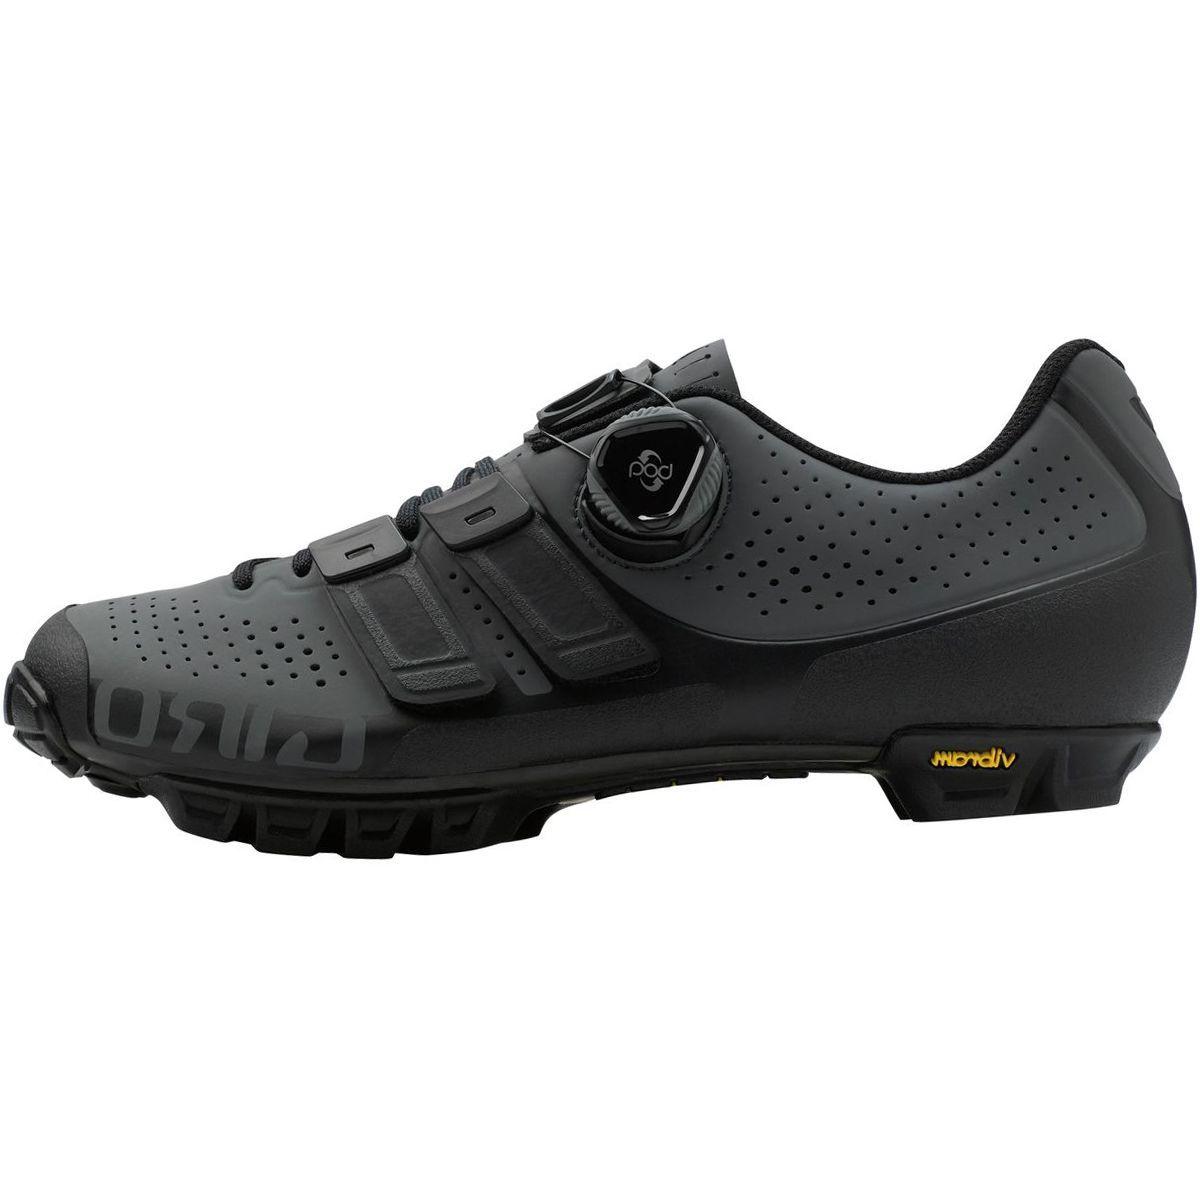 Giro Code Techlace Cycling Shoe - Men's